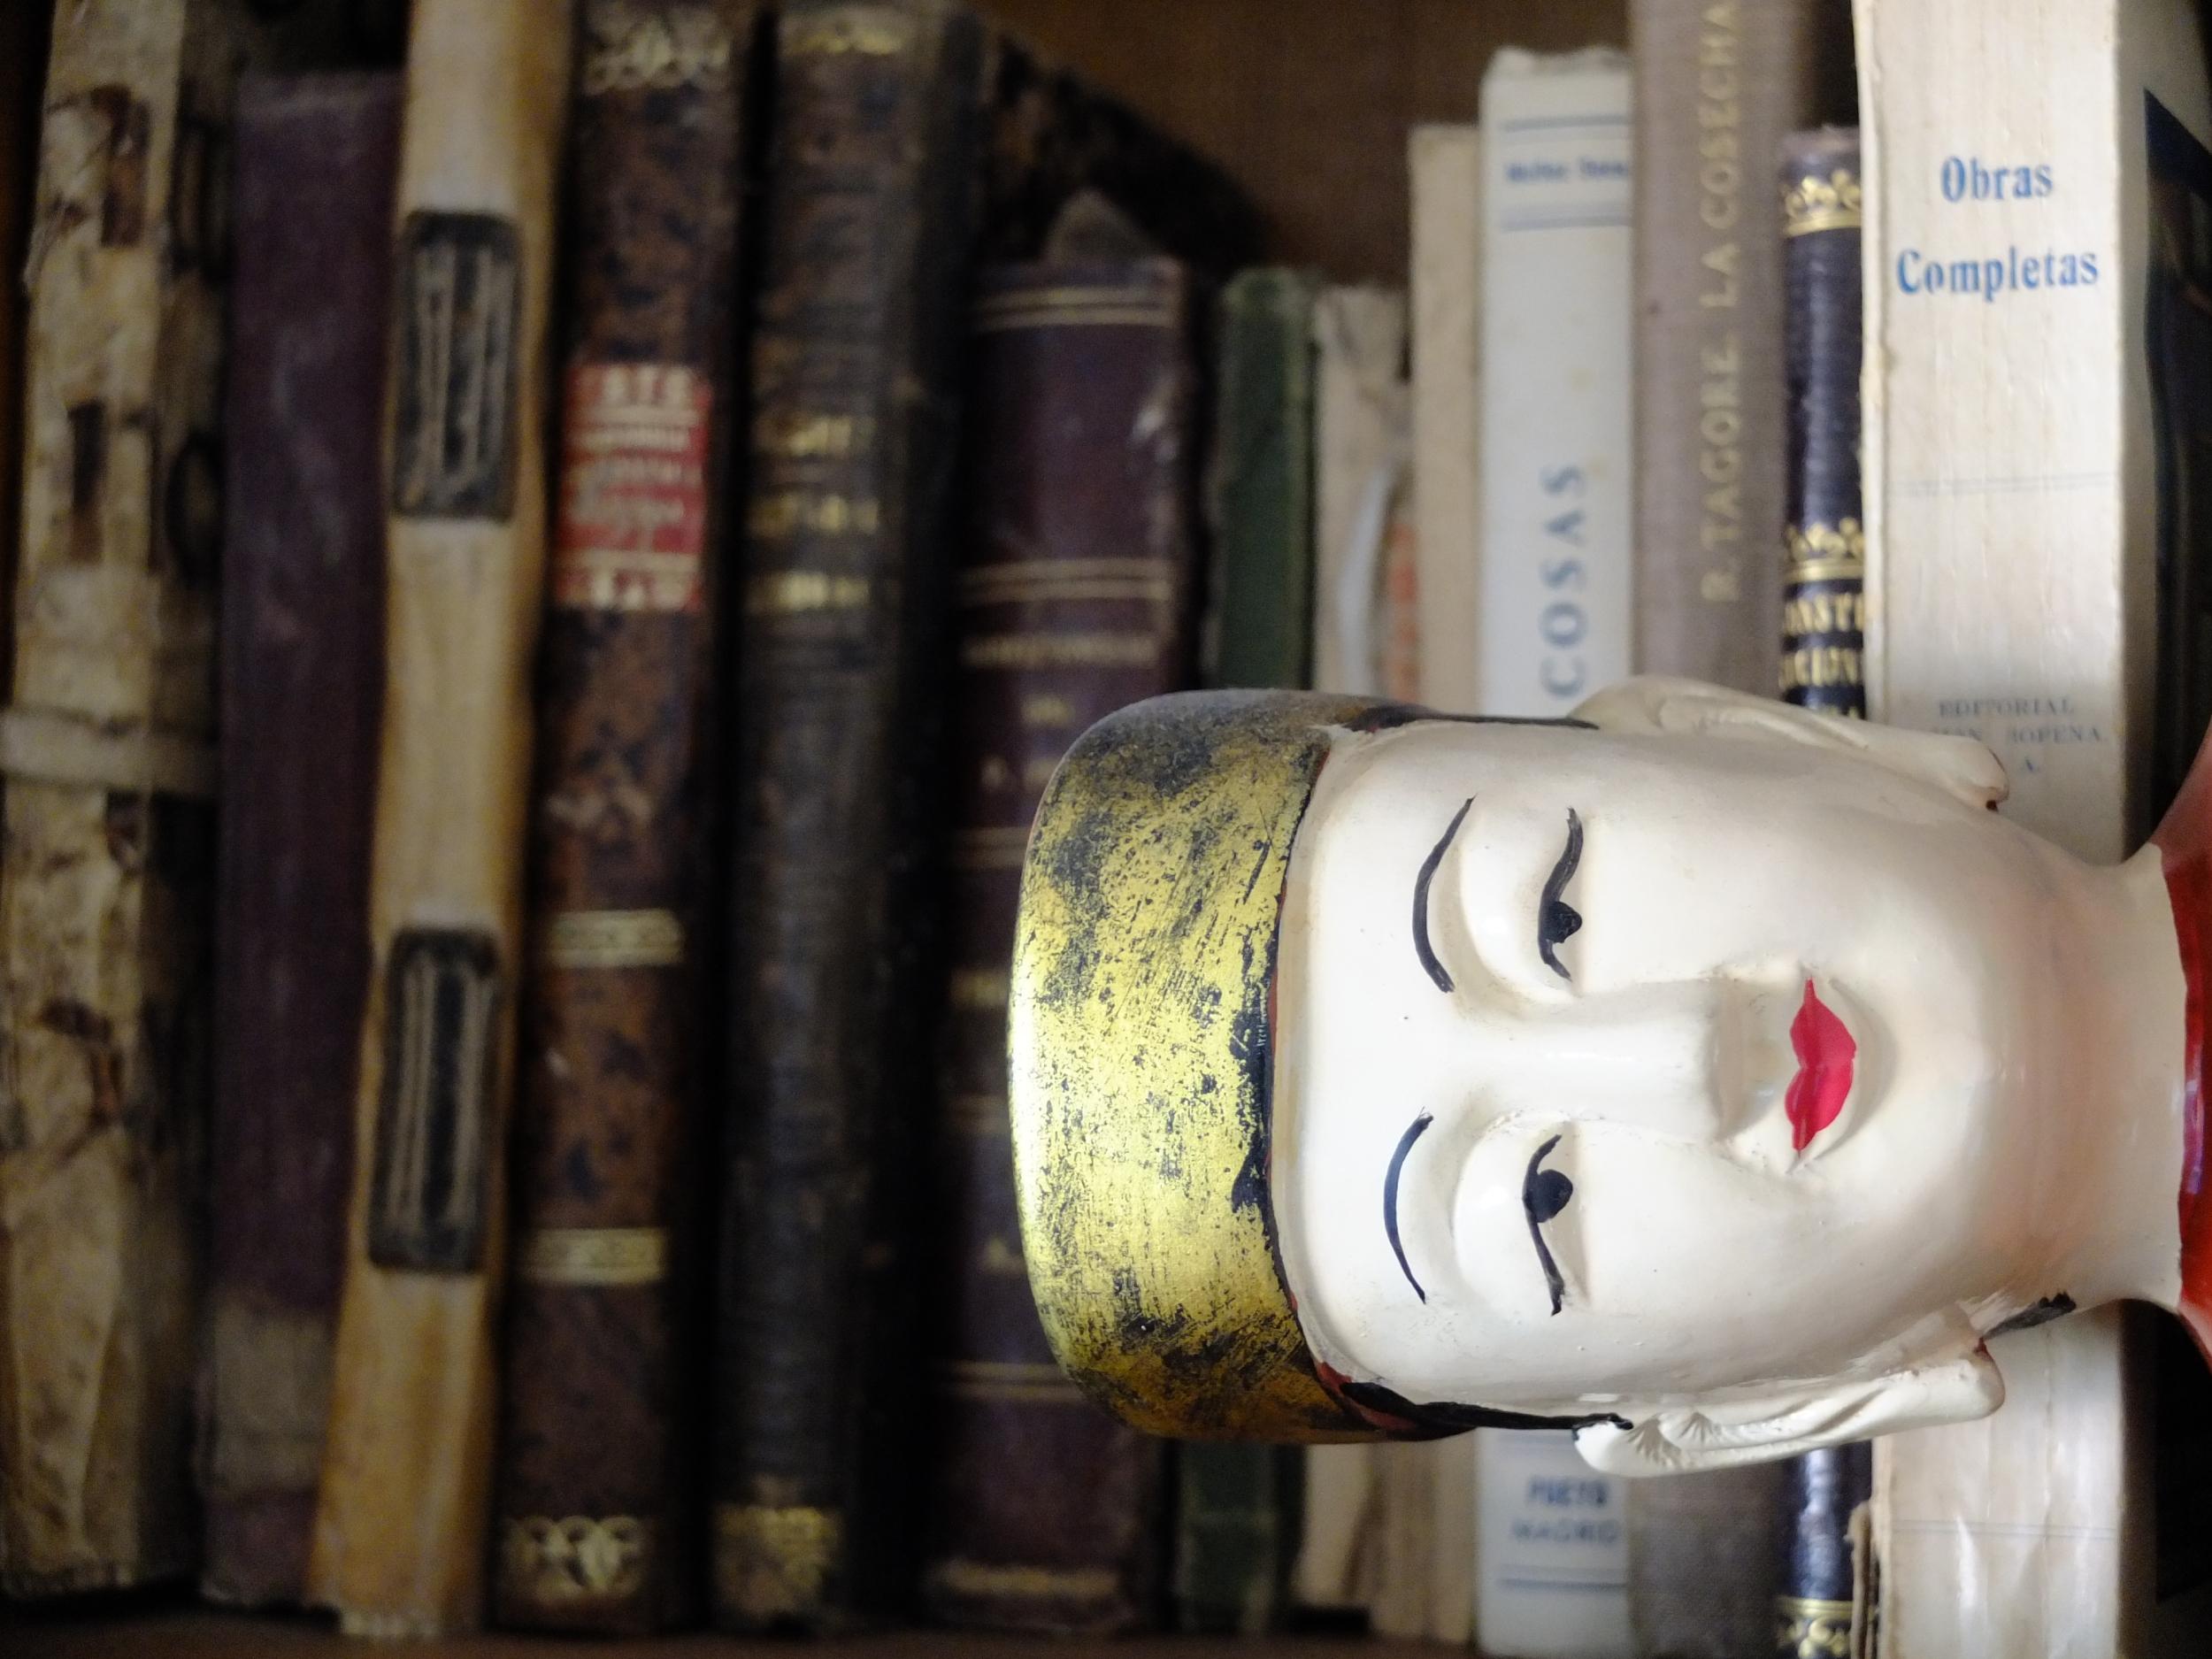 Buda tendido ante libros antiguos